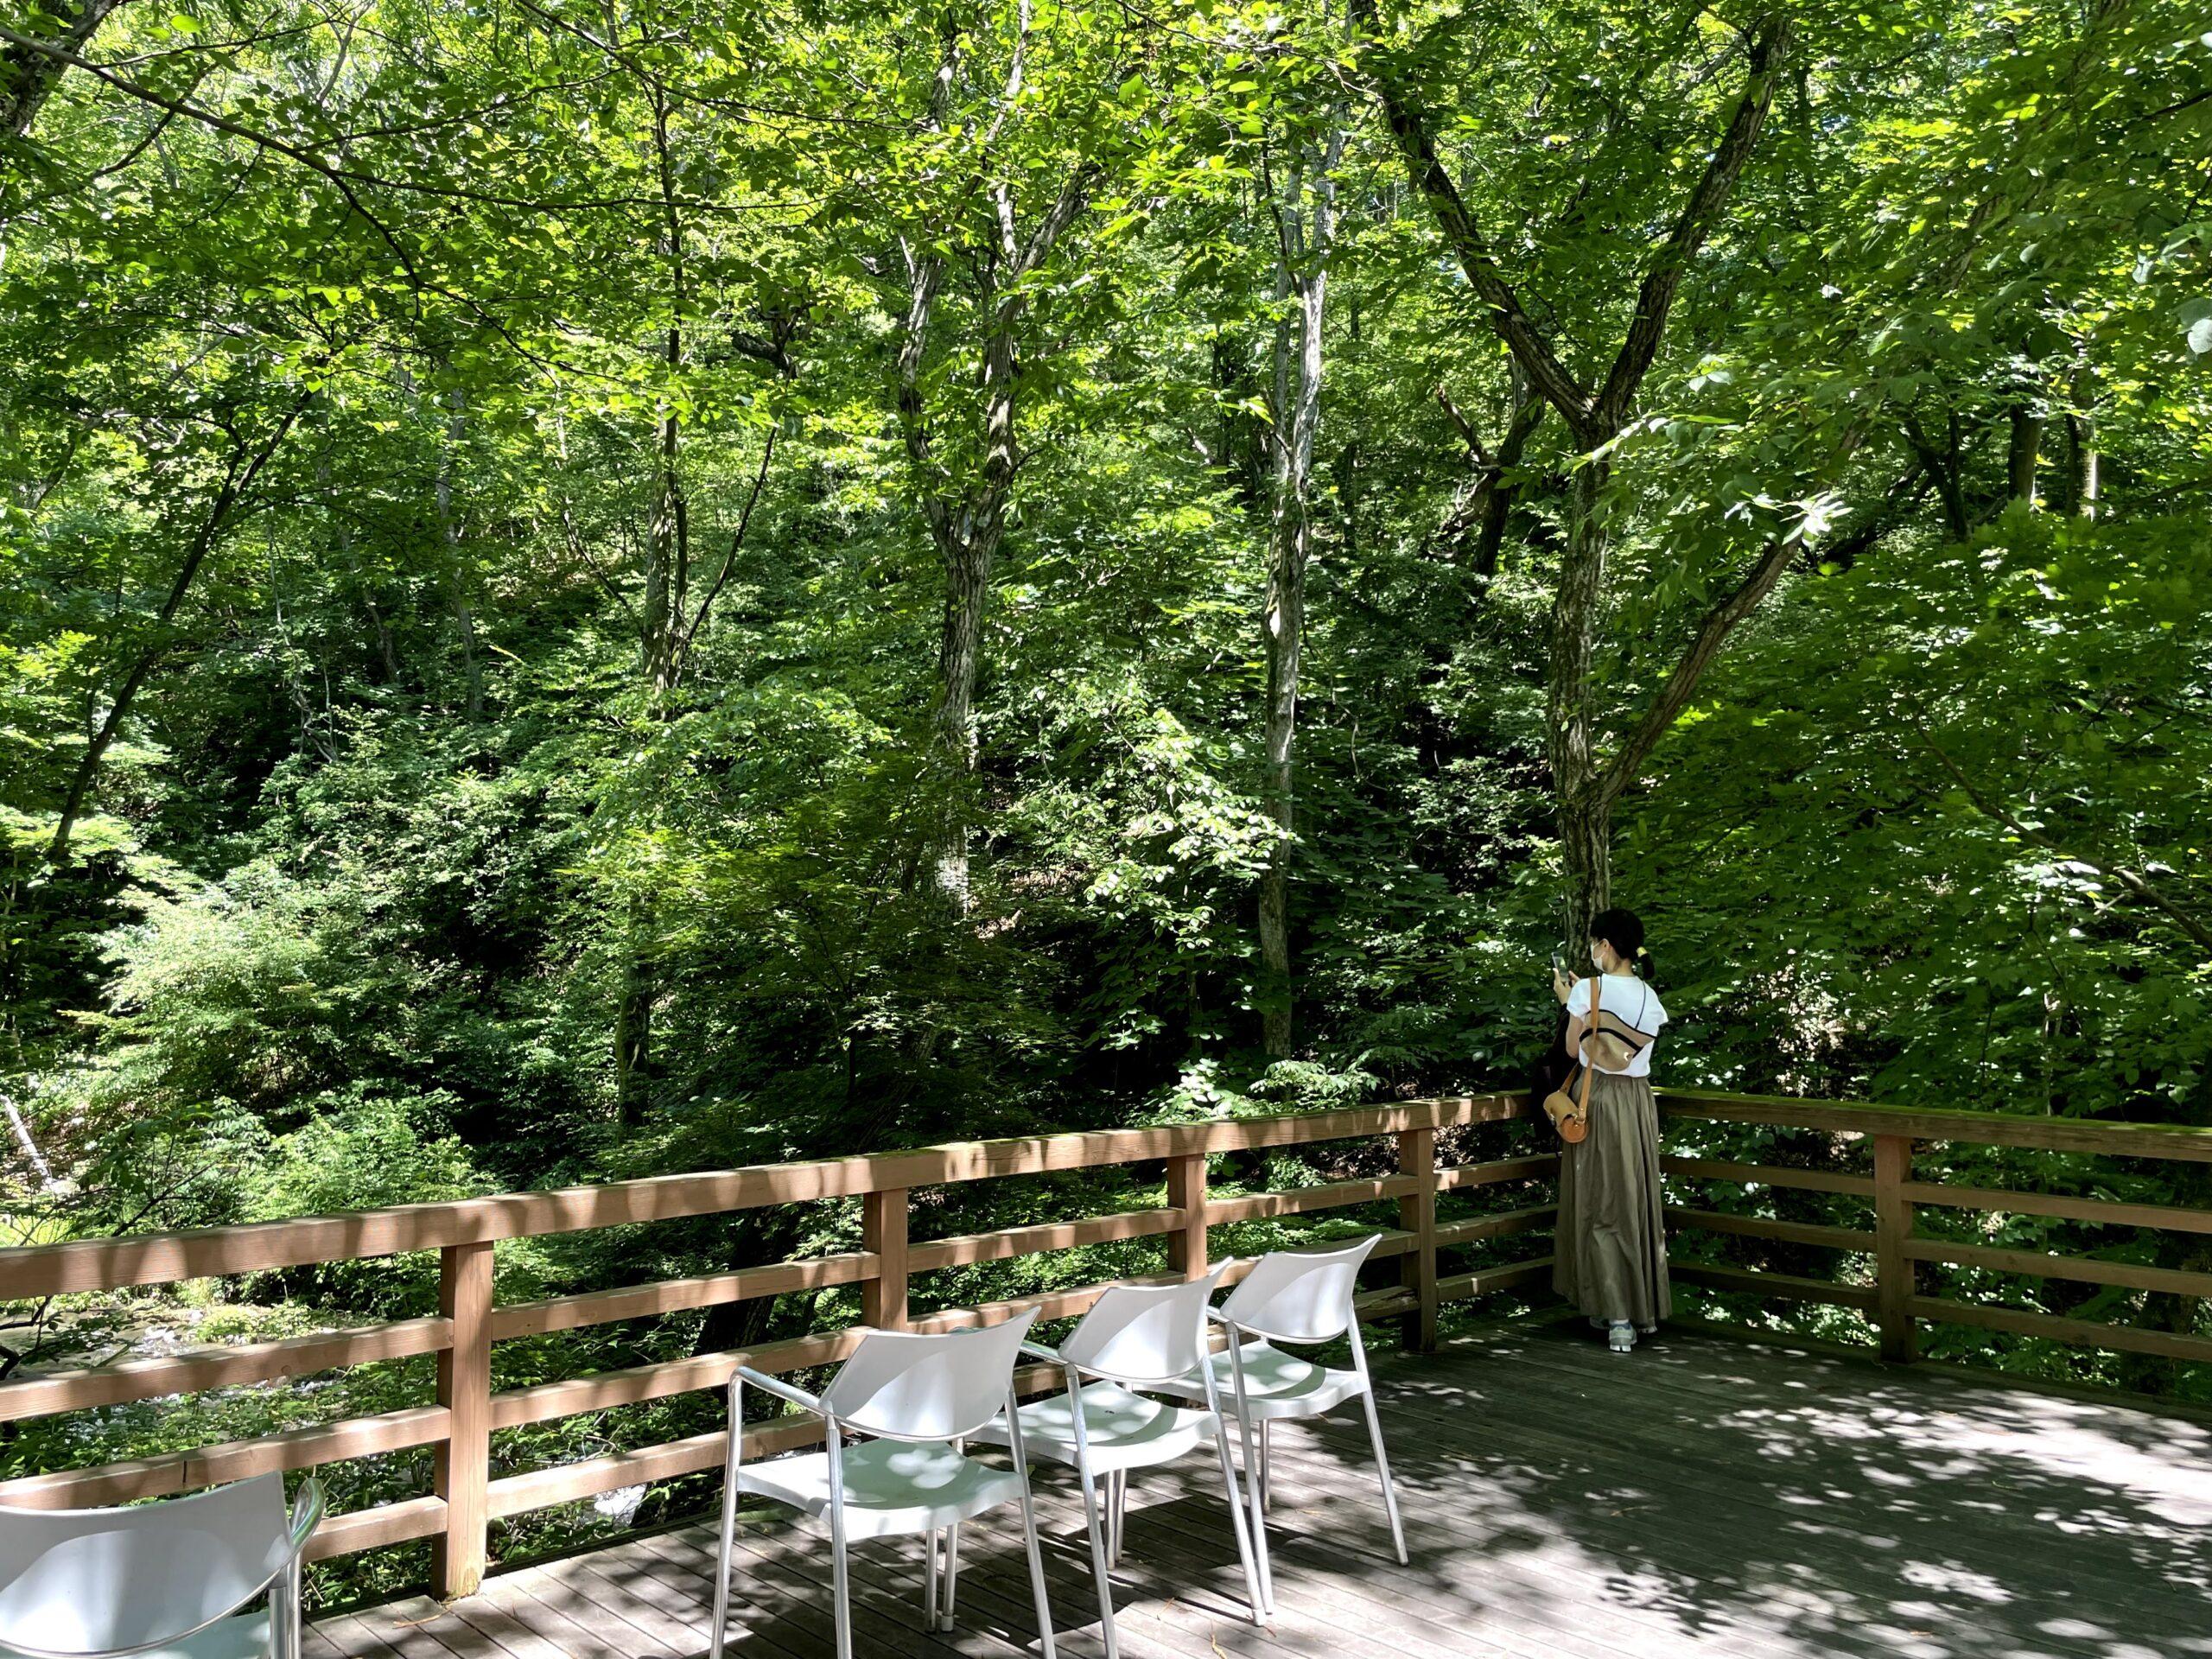 軽井沢の木漏れ日は夏も爽やかな風が吹く